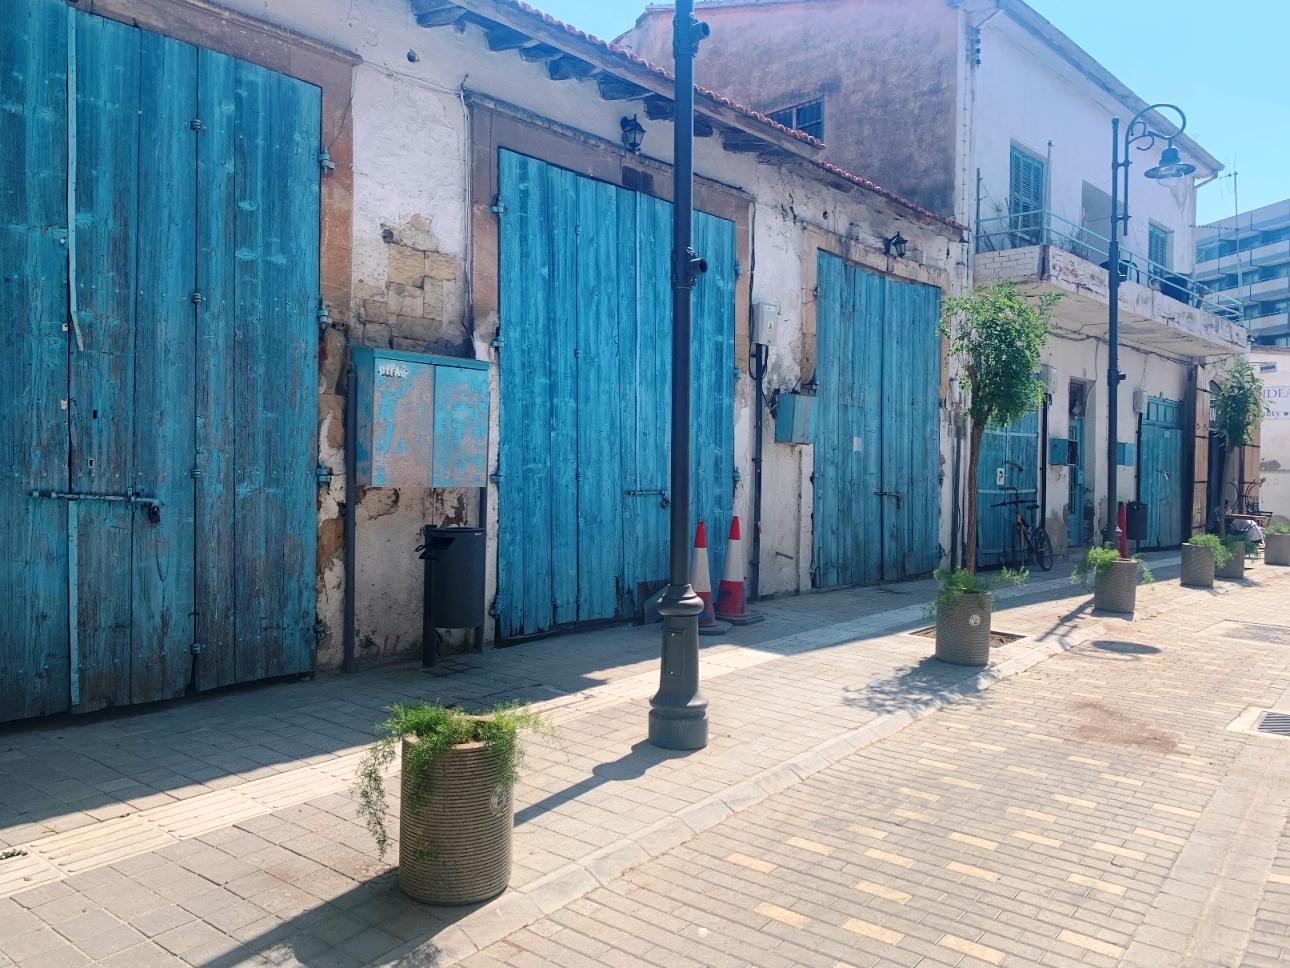 Το «νέο», σύγχρονο κέντρο της Λάρνακας